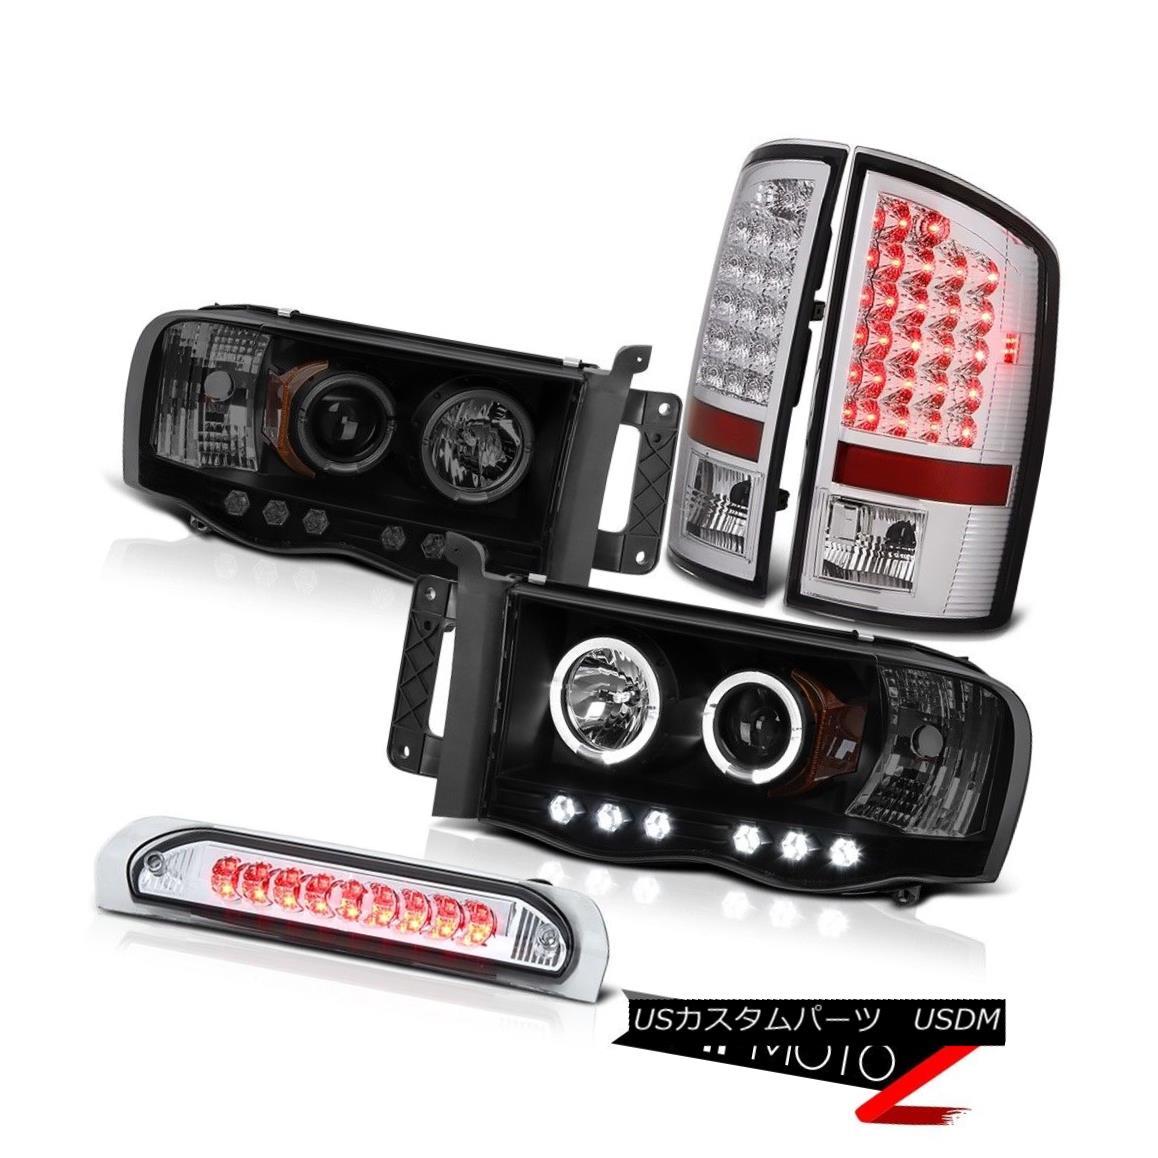 ヘッドライト 2002-2005 Ram V6 V8 WS L.E.D Projector DRL Headlight Bright LED Tail Lights 3rd 2002-2005 Ram V6 V8 WS L.E.DプロジェクターDRLヘッドライトブライトLEDテールライト3